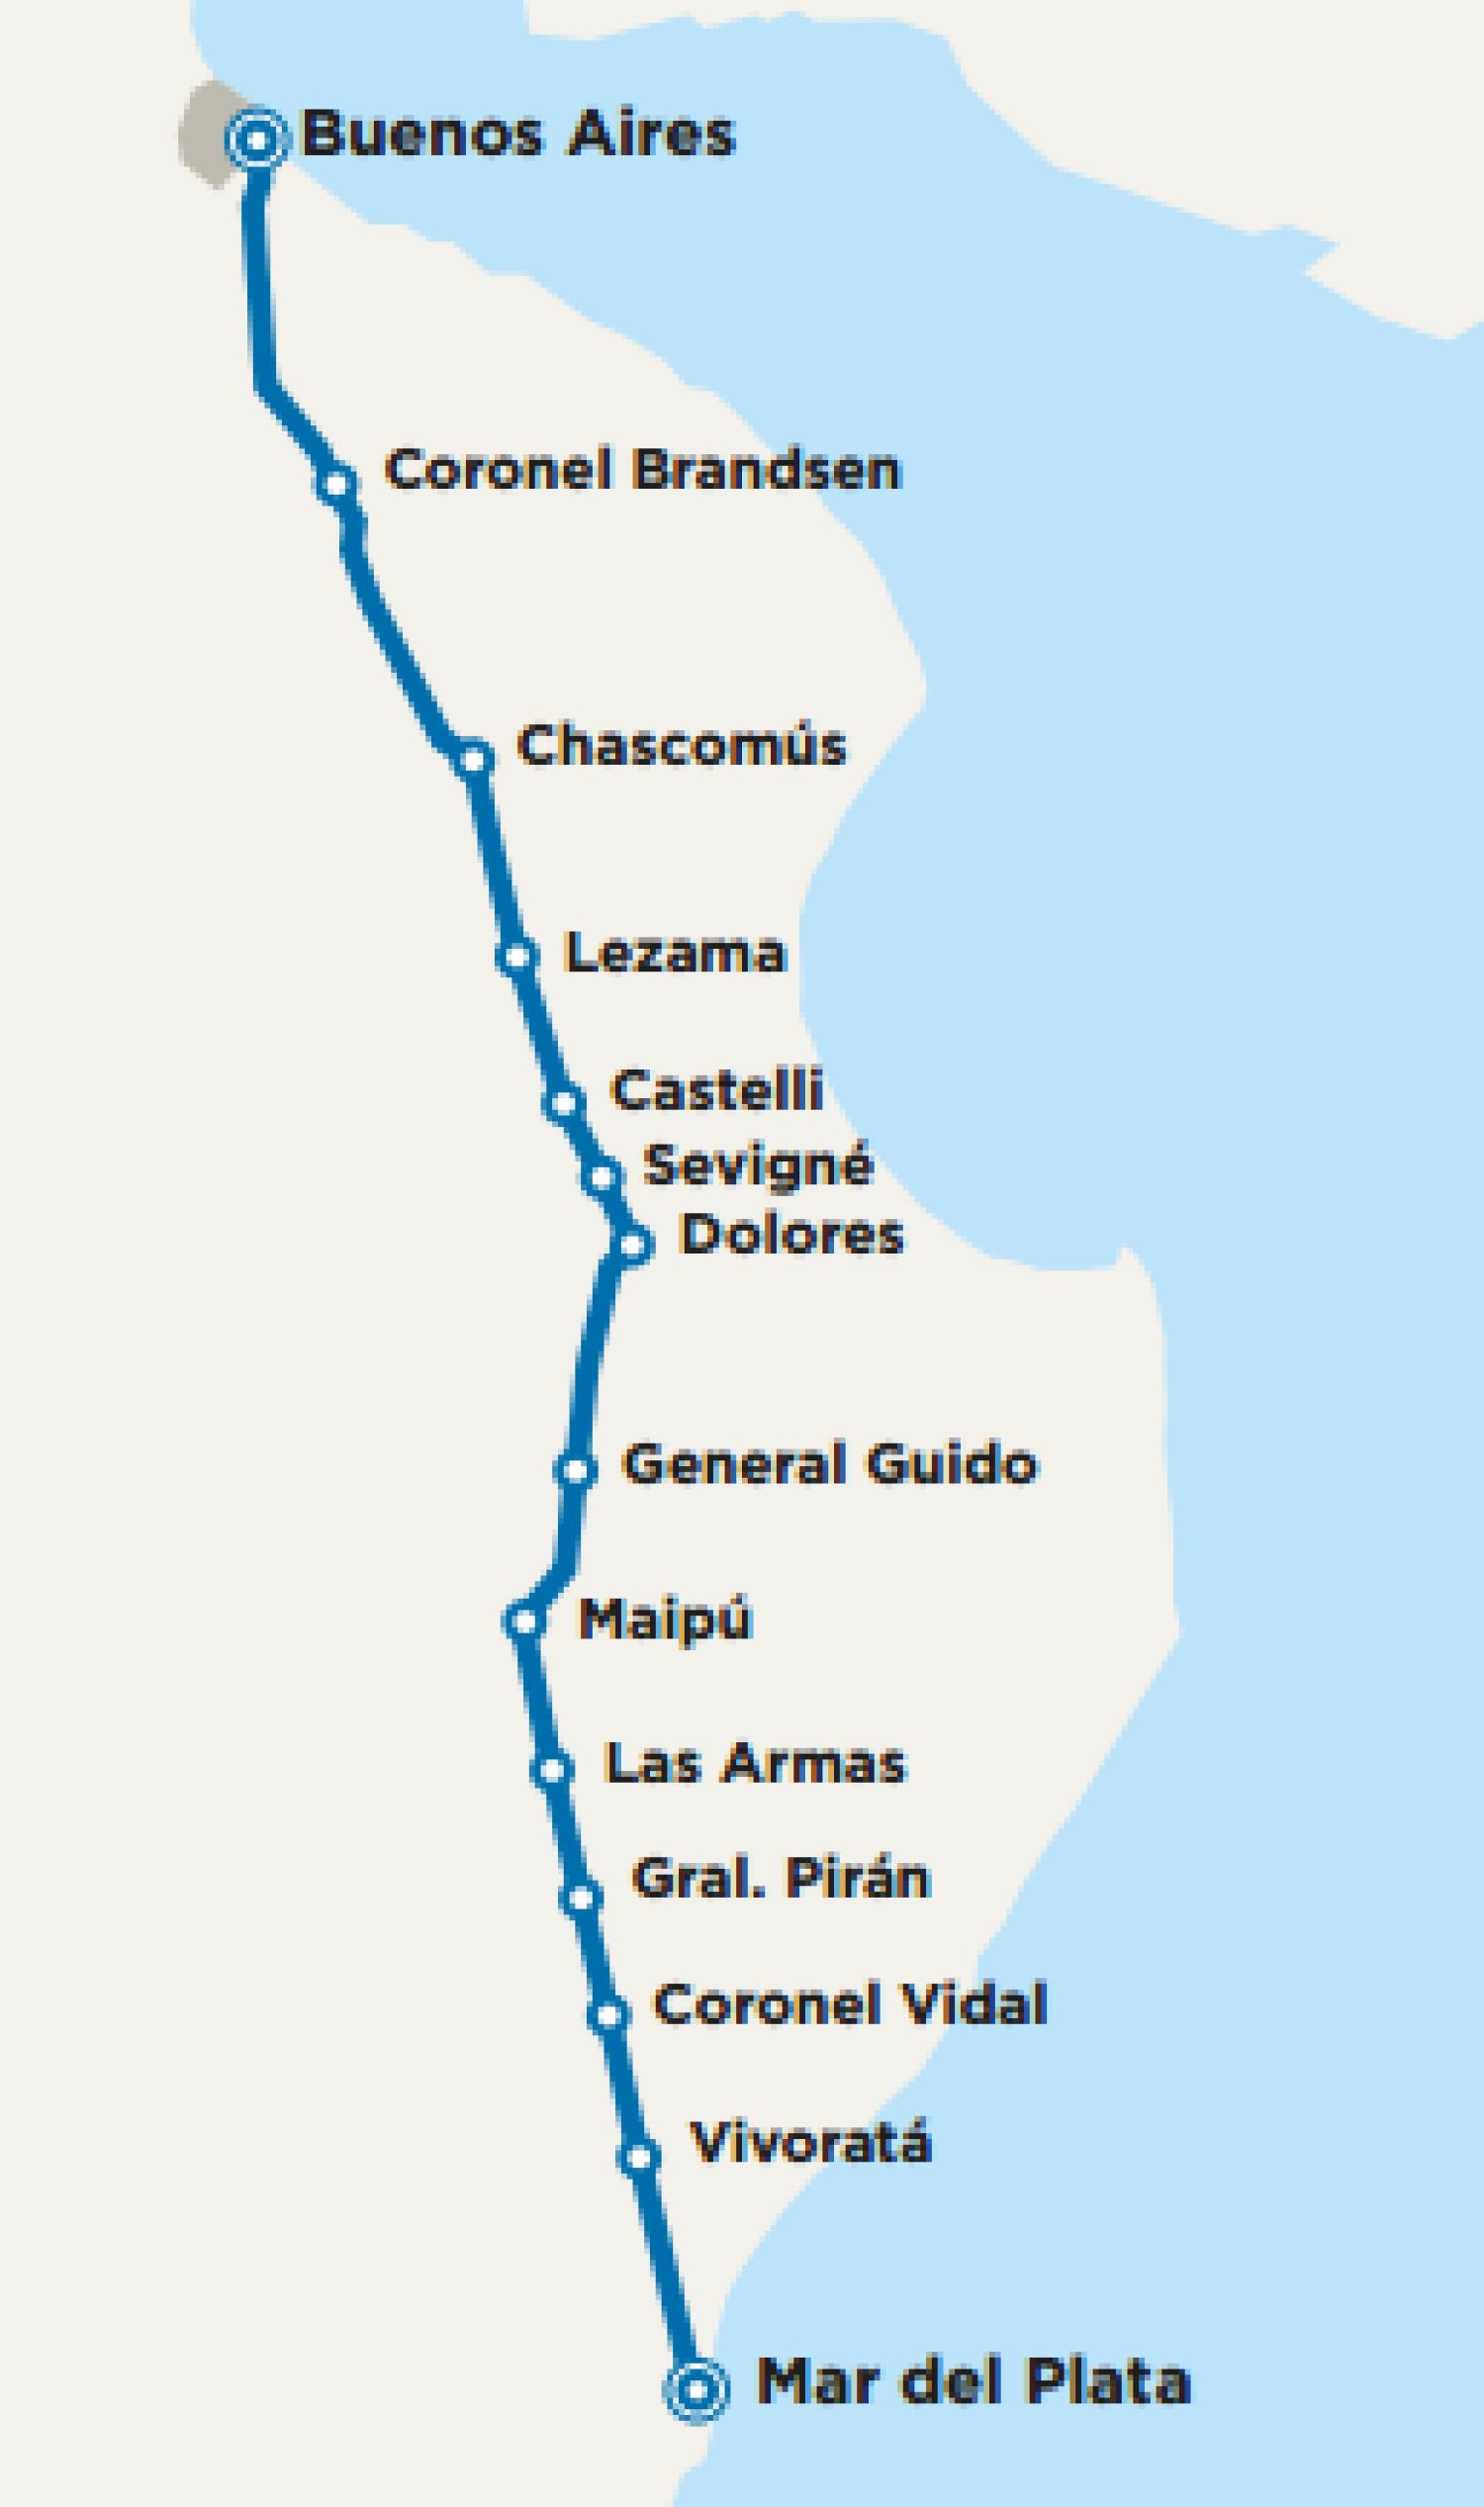 Vuelve El Tren De Buenos Aires A Mar Del Plata Todo Lo